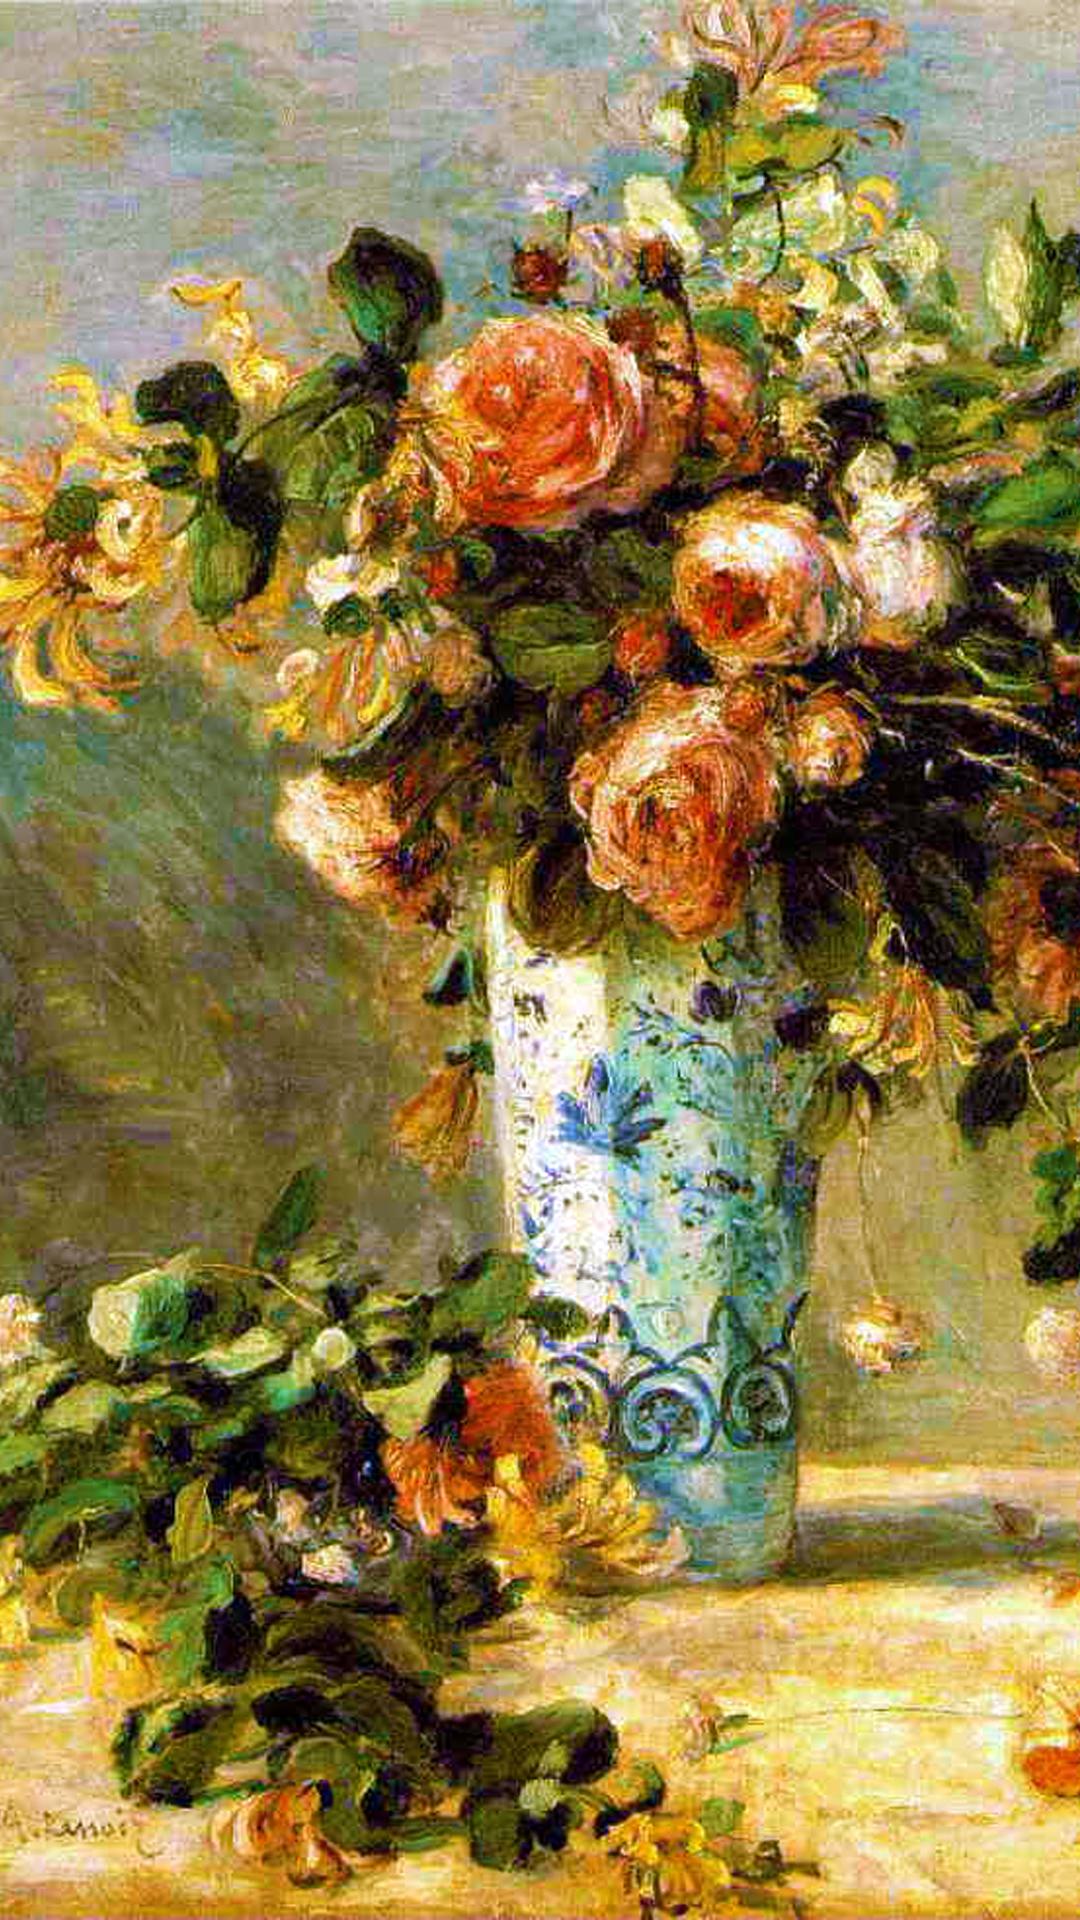 オーギュスト ルノワール デルフト焼きの花瓶のバラとジャスミン Pc スマートフォンの壁紙 スマートマイズ